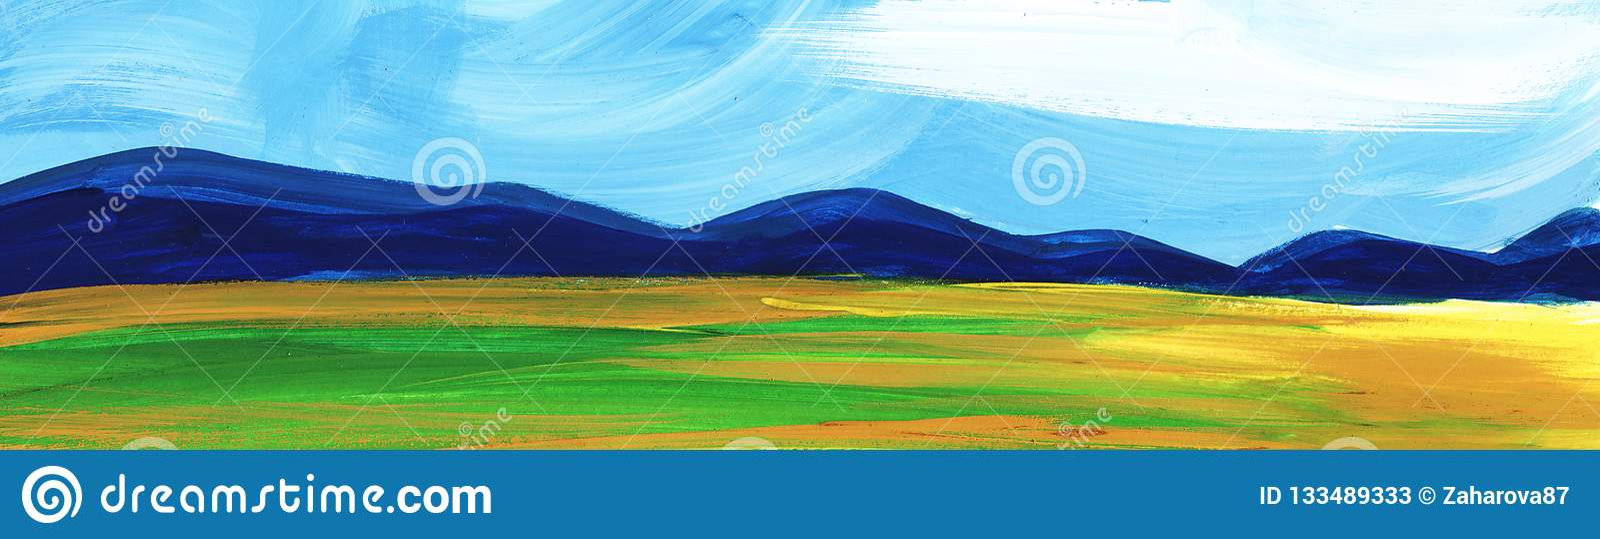 αφηρημένο τοπίο Δάσος βουνών κάτω από το μπλε ουρανό και τους τομείς